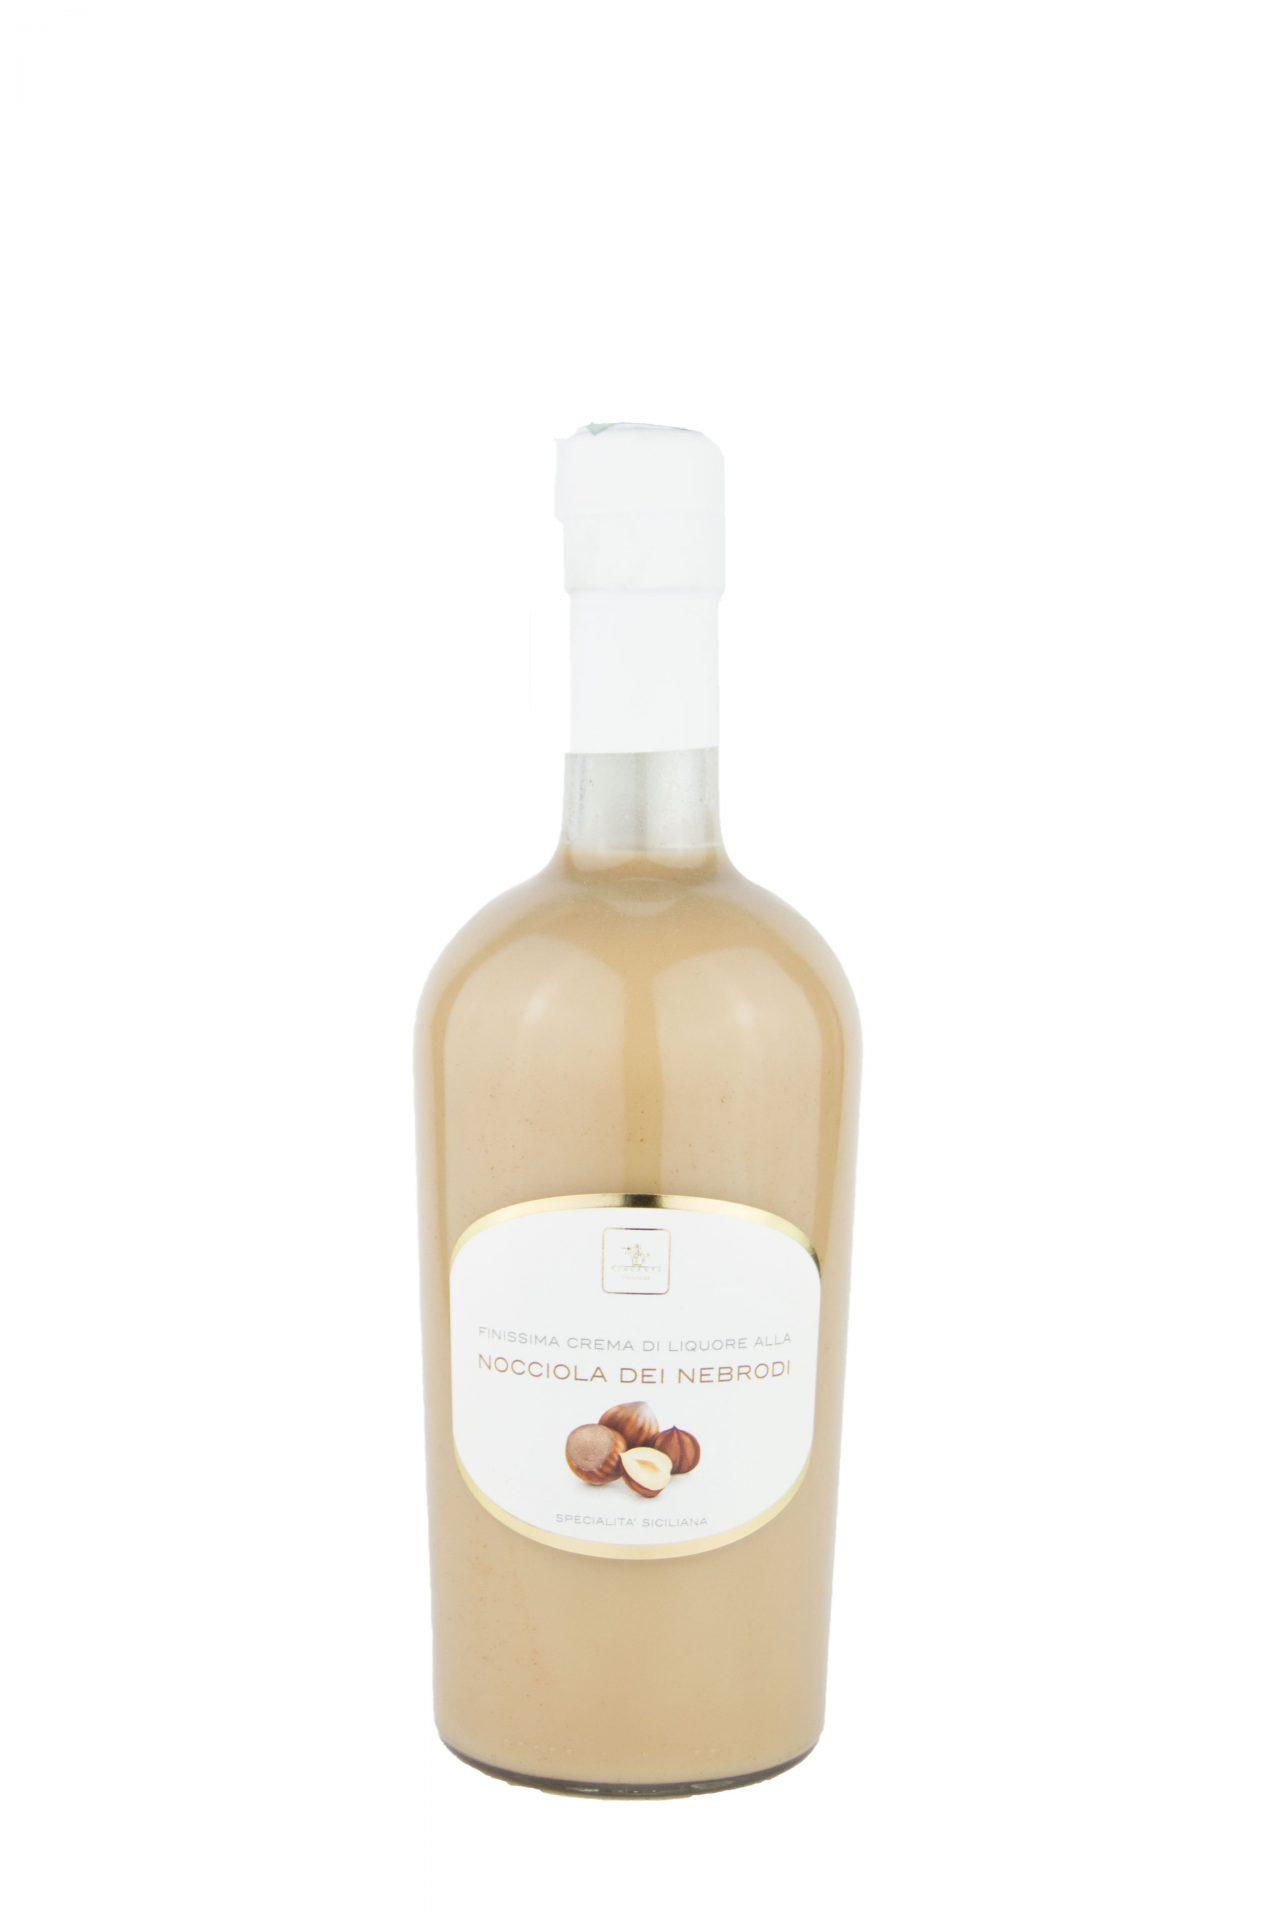 Vincente – Crema Di Liquore Alla Nocciola Dei Nebrodi